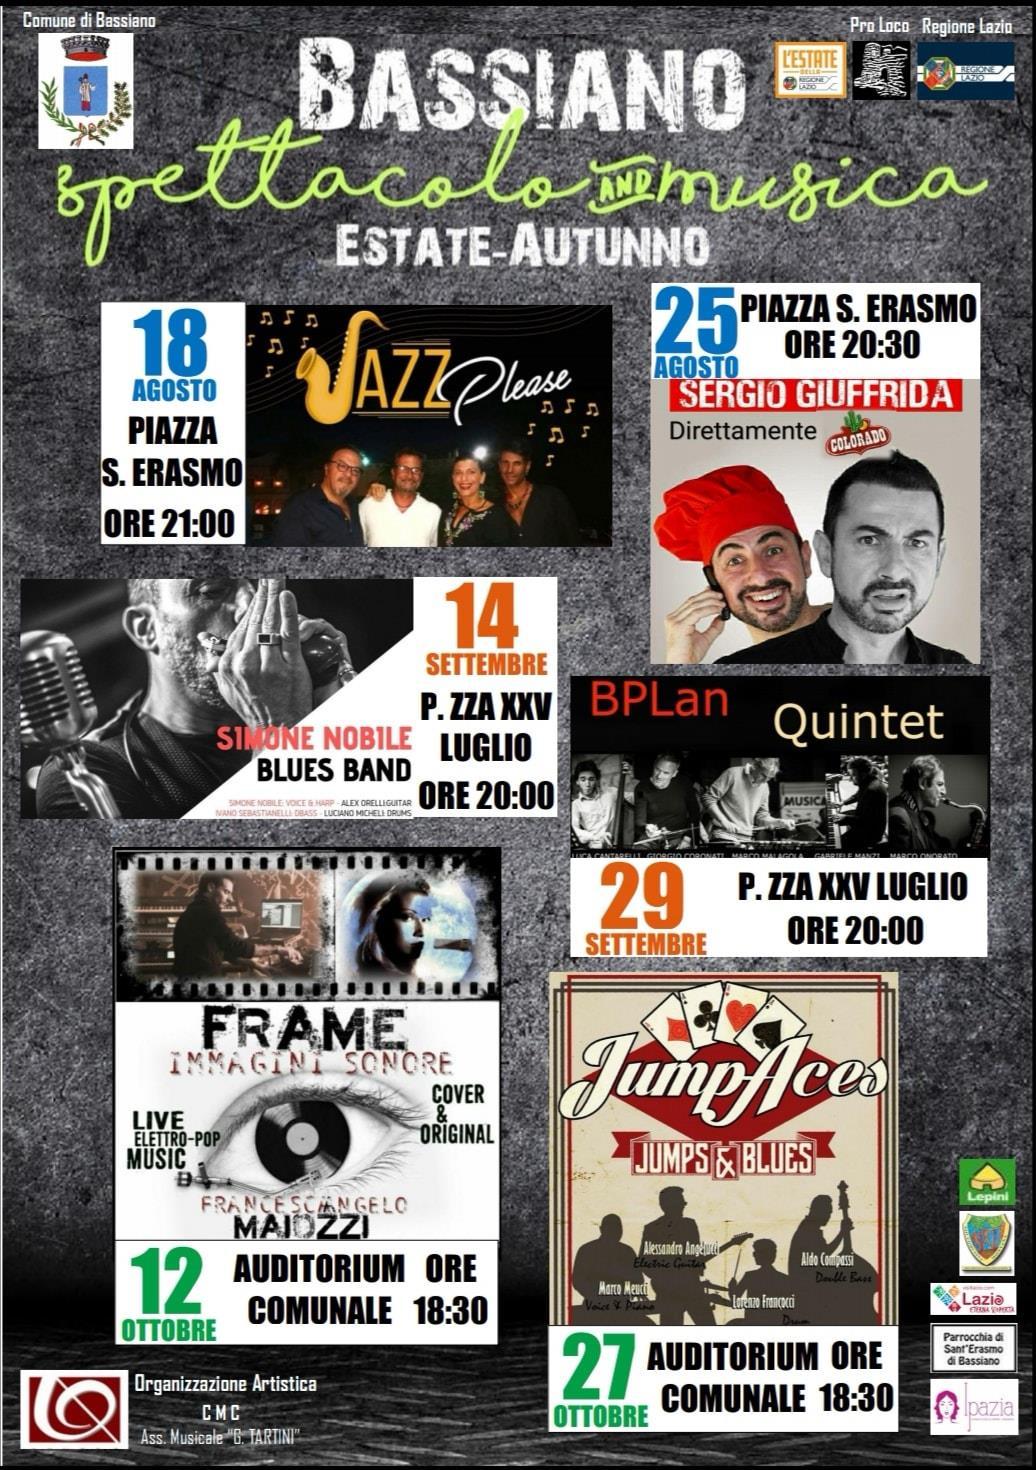 Bassiano: Spettacolo & Musica @ Bassiano | Lazio | Italia